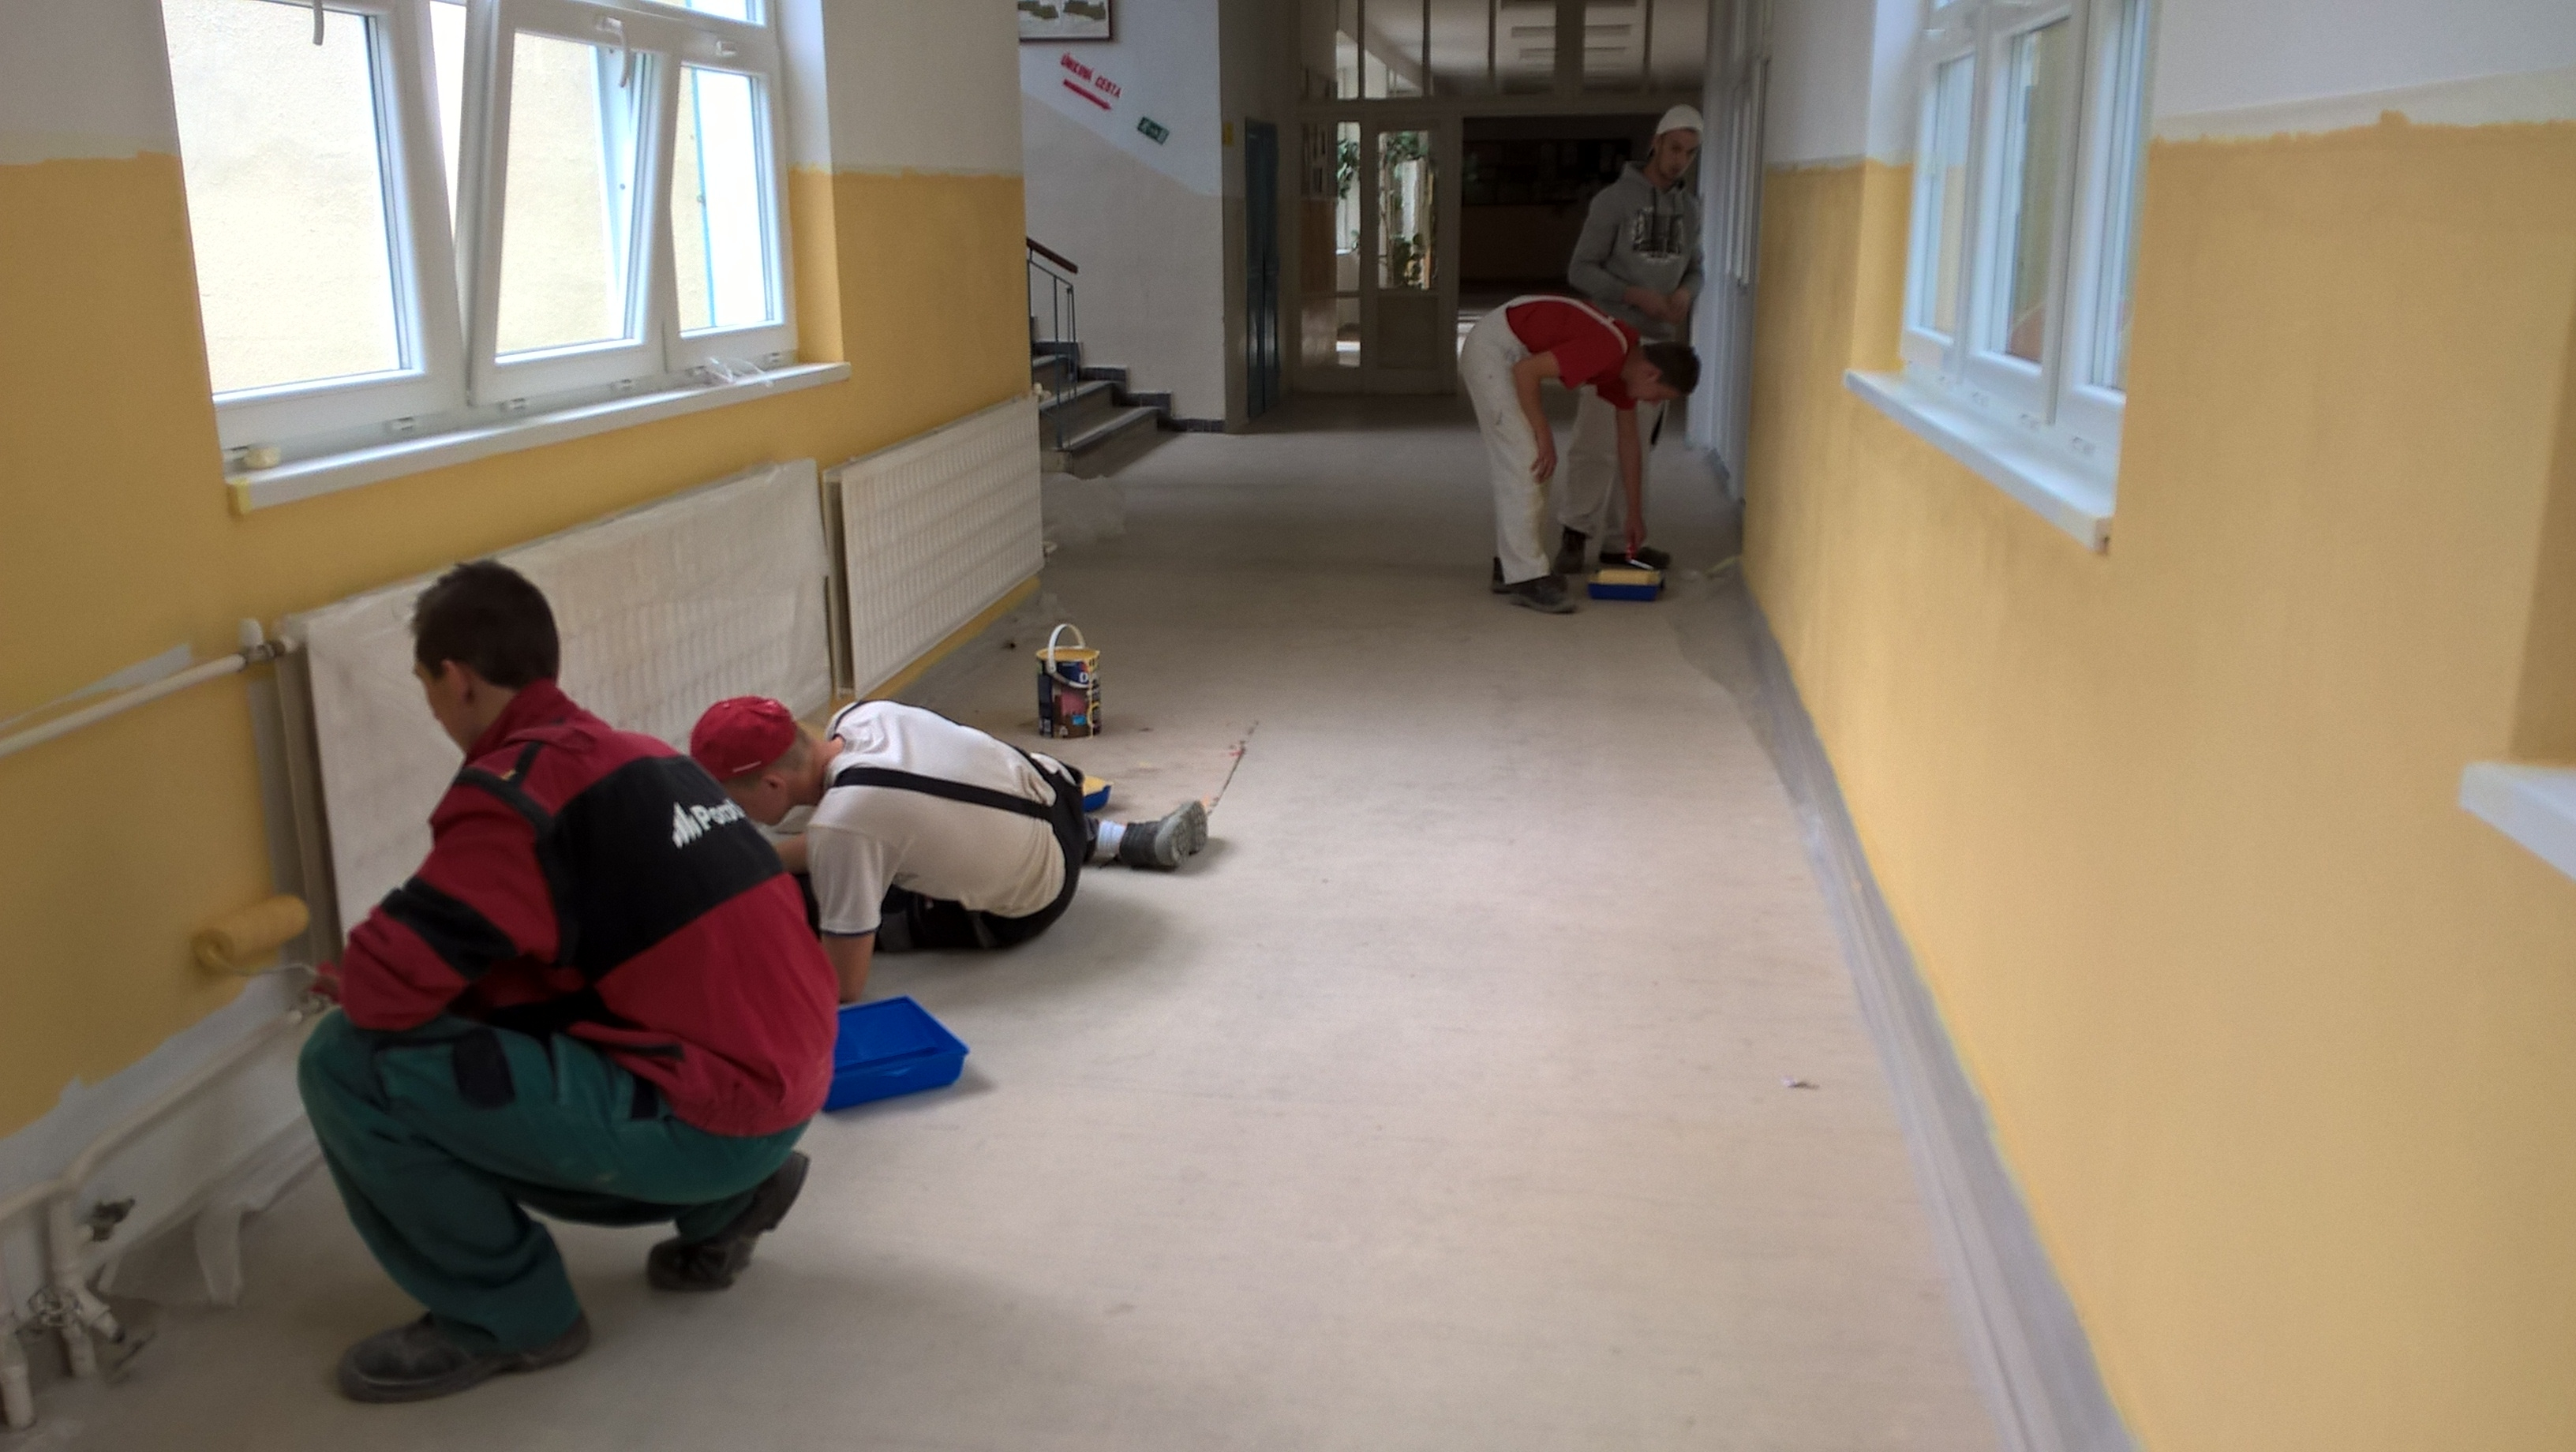 Praktické školenie v SOŠ Nitra, aplikovanie farieb Dulux valcom a štetcom - 3.5.2016